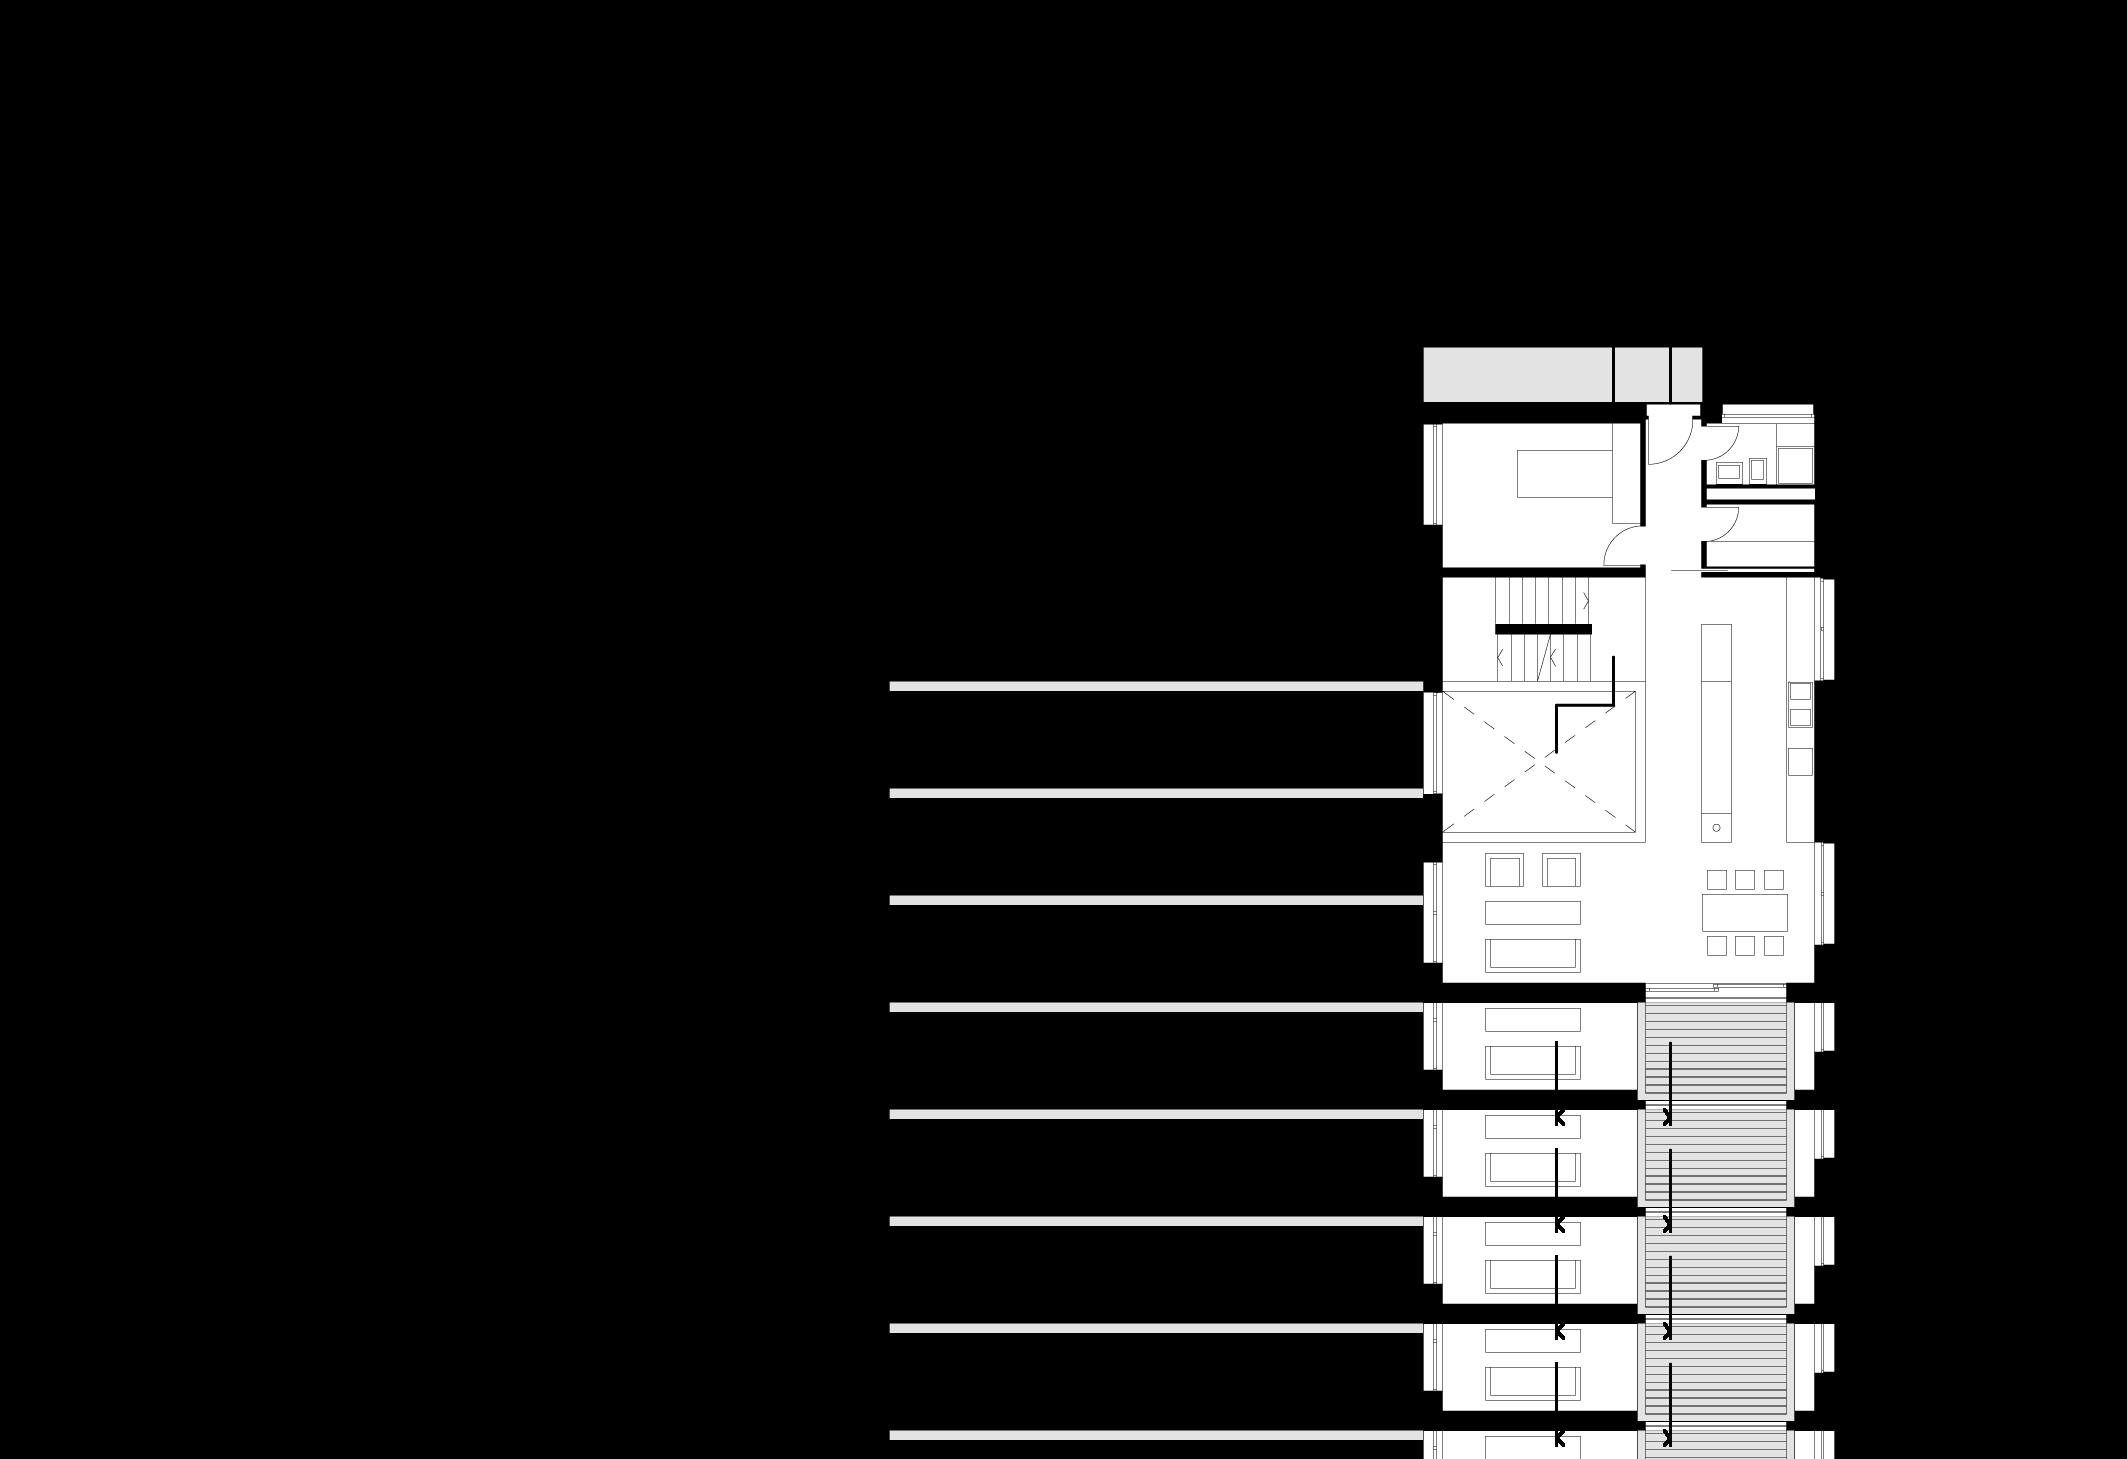 Plan du rez supérieur